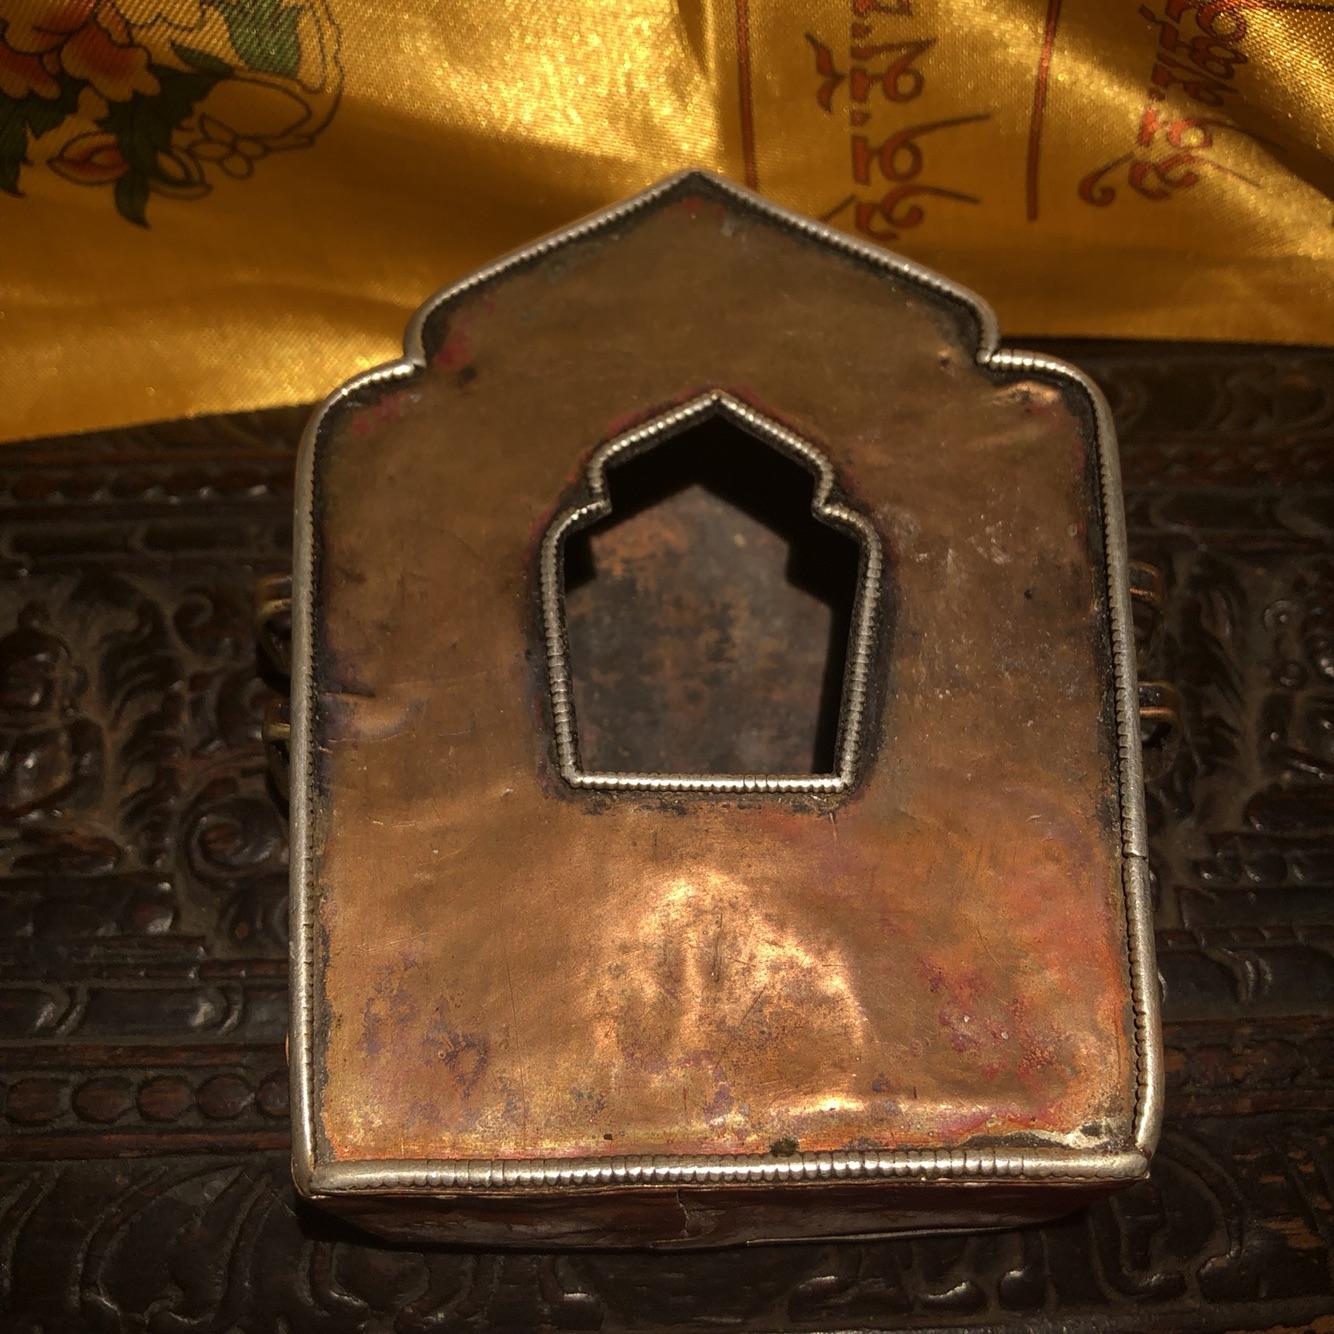 西藏特色手工艺 真品大尺寸紫铜老嘎呜盒 佛教用品七珍宝